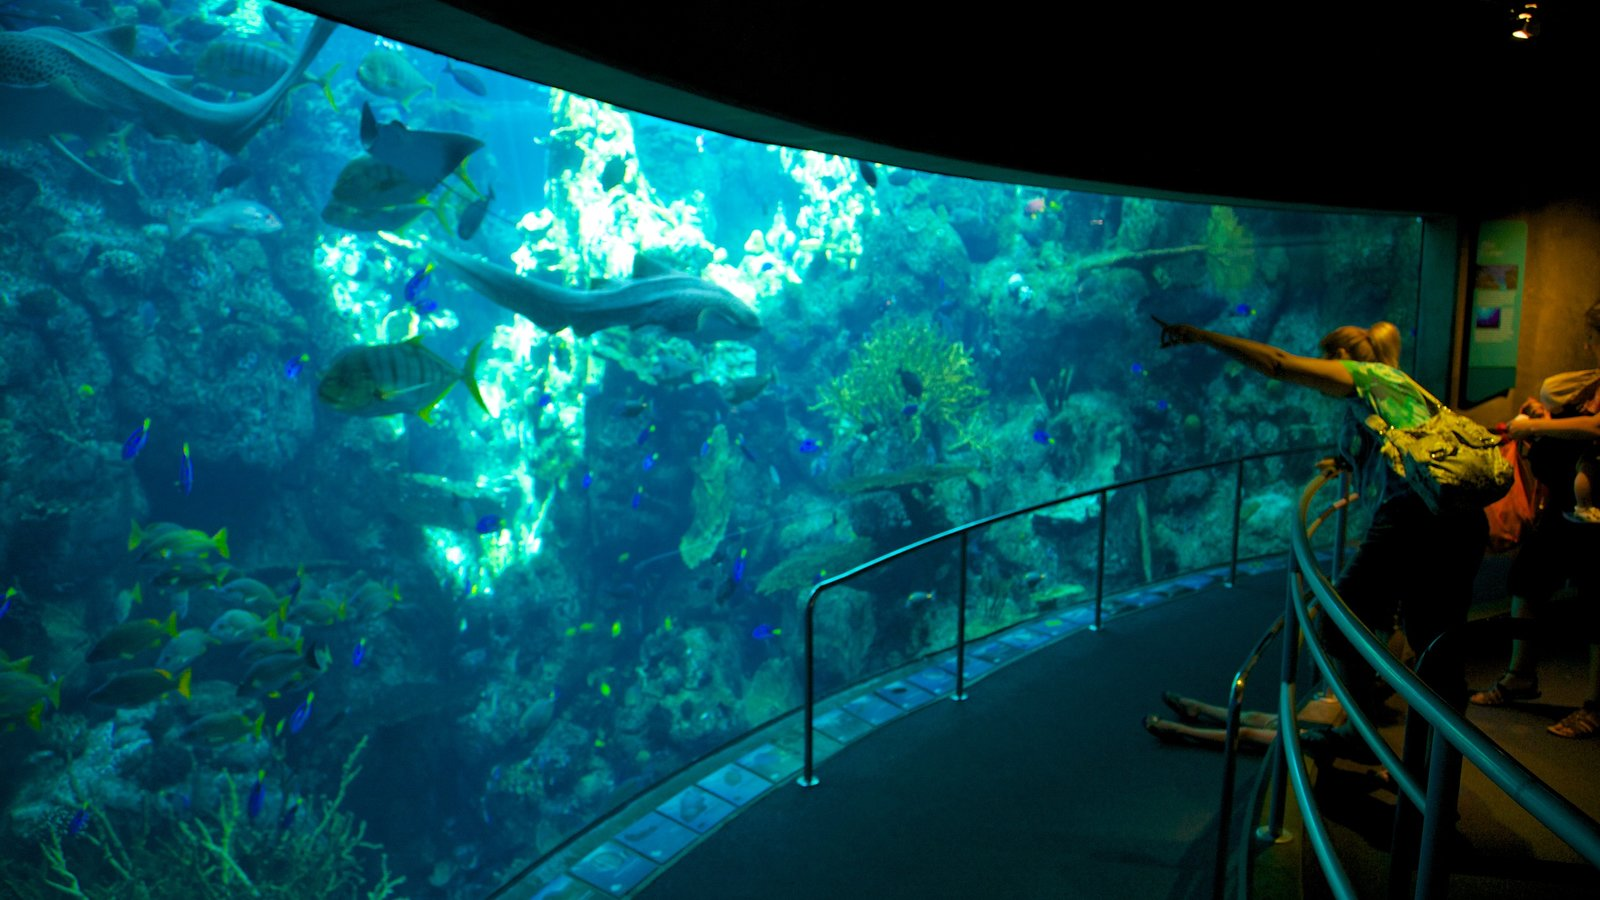 Aquário do Pacífico caracterizando vida marinha e vistas internas